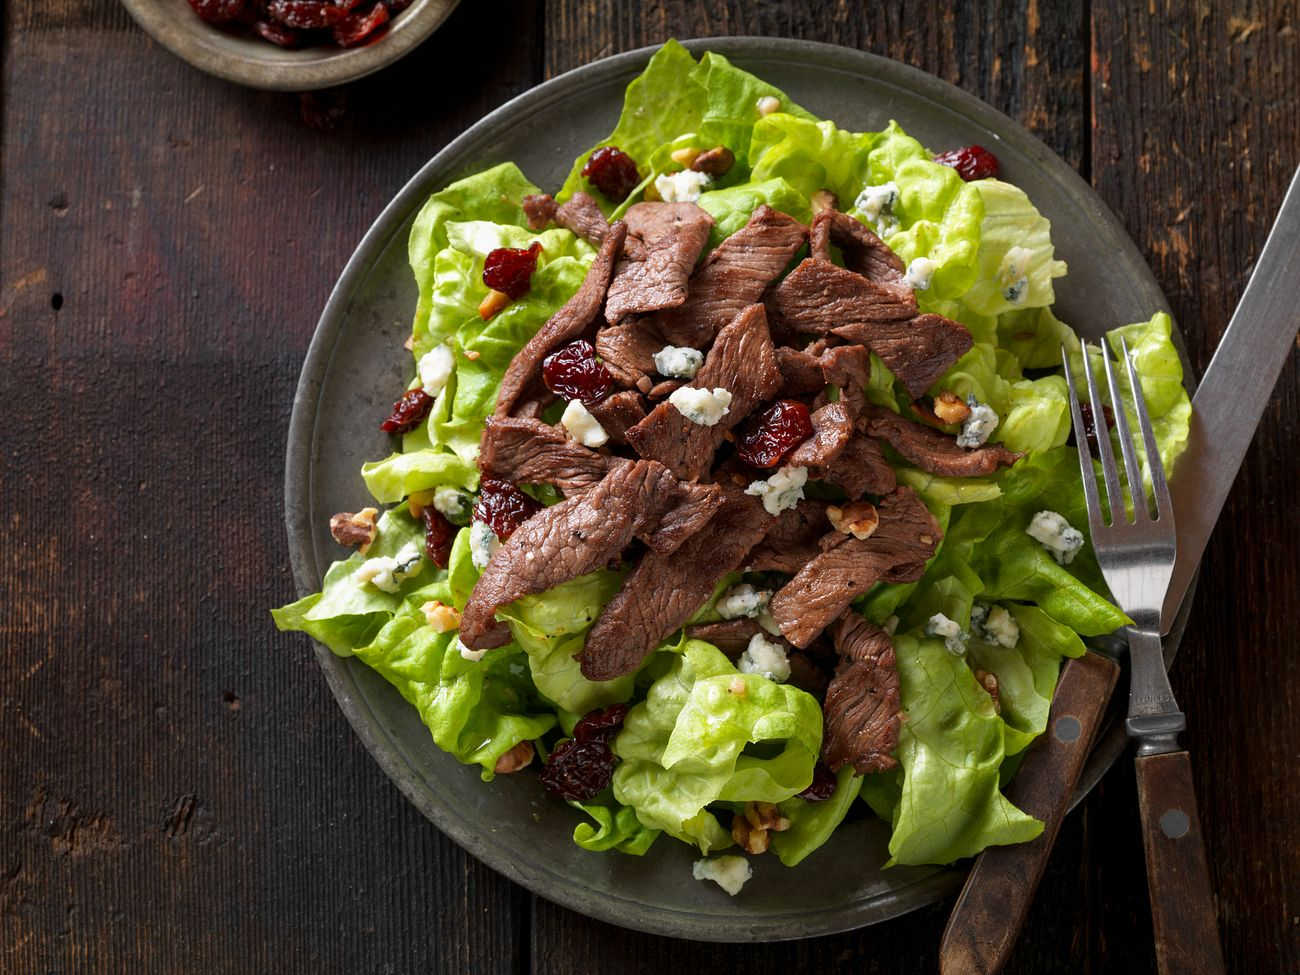 beef-steak-salad-with-dried-cherries-horizontal-aerial